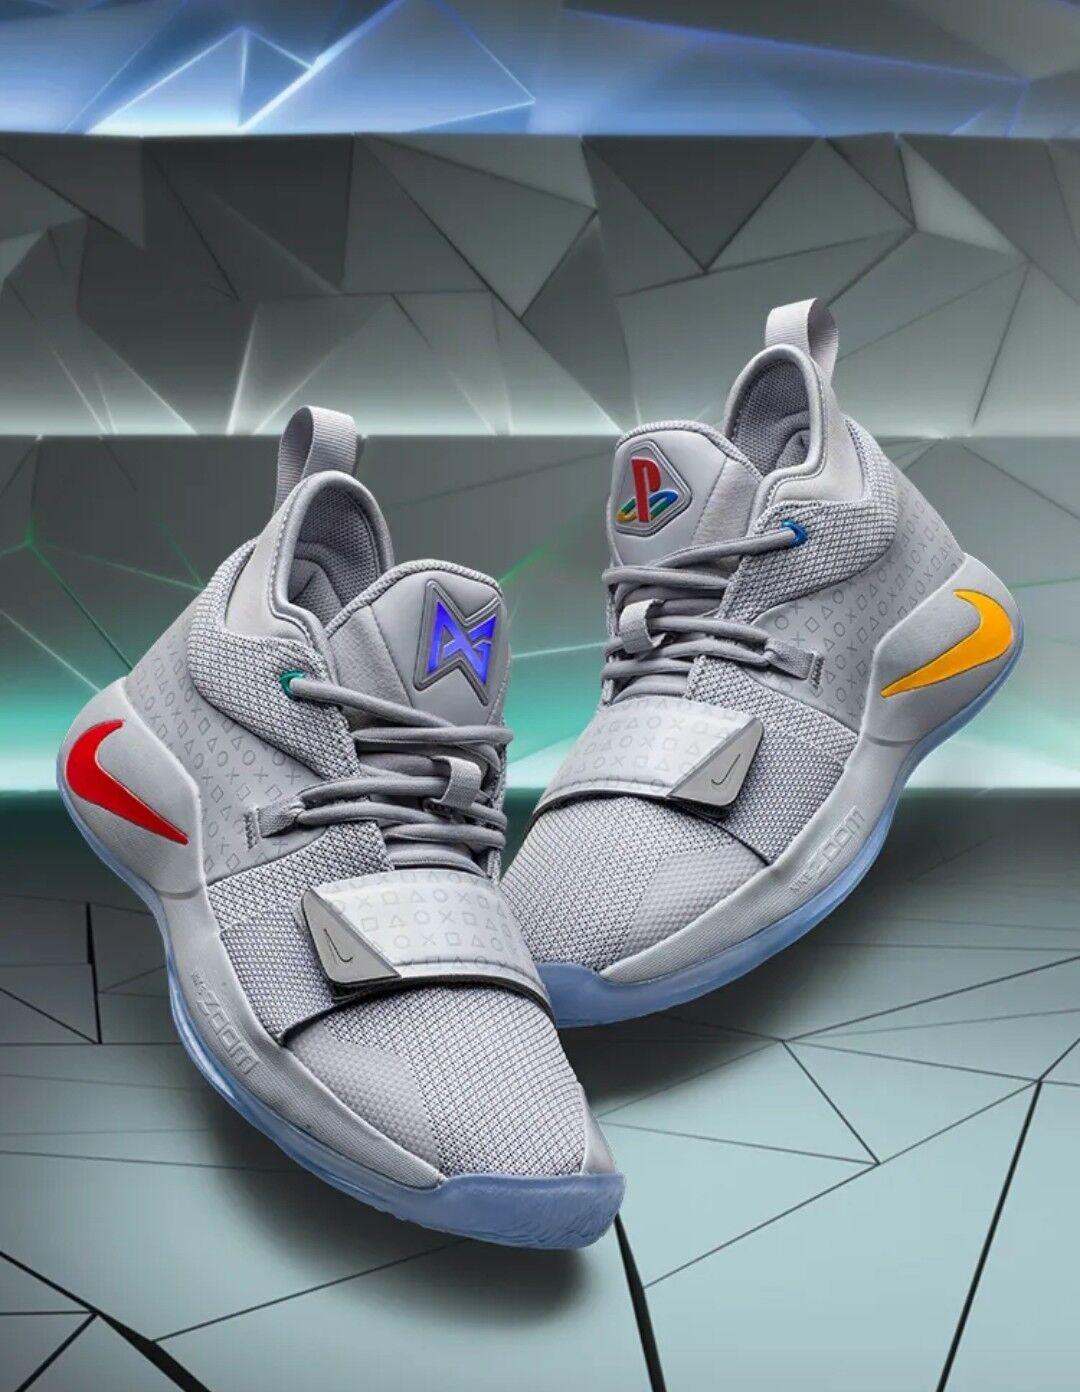 c8772a0e9b Nike PG 2.5 BQ8388-001 Wolf Grey Multi-color Men's and GS Sizes x ...